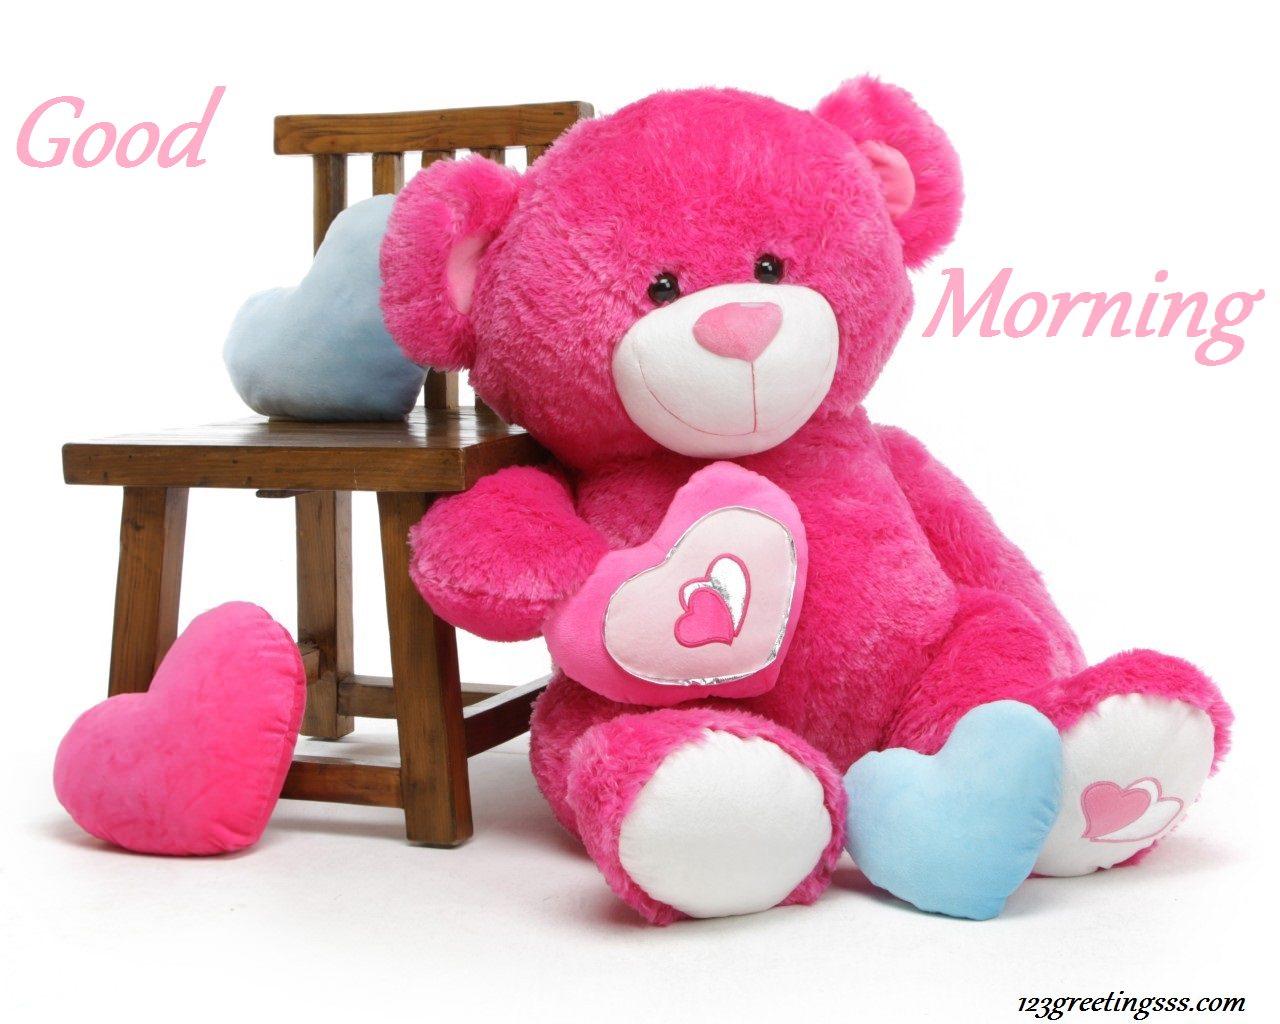 Sweet Good Morning To U Wm1854